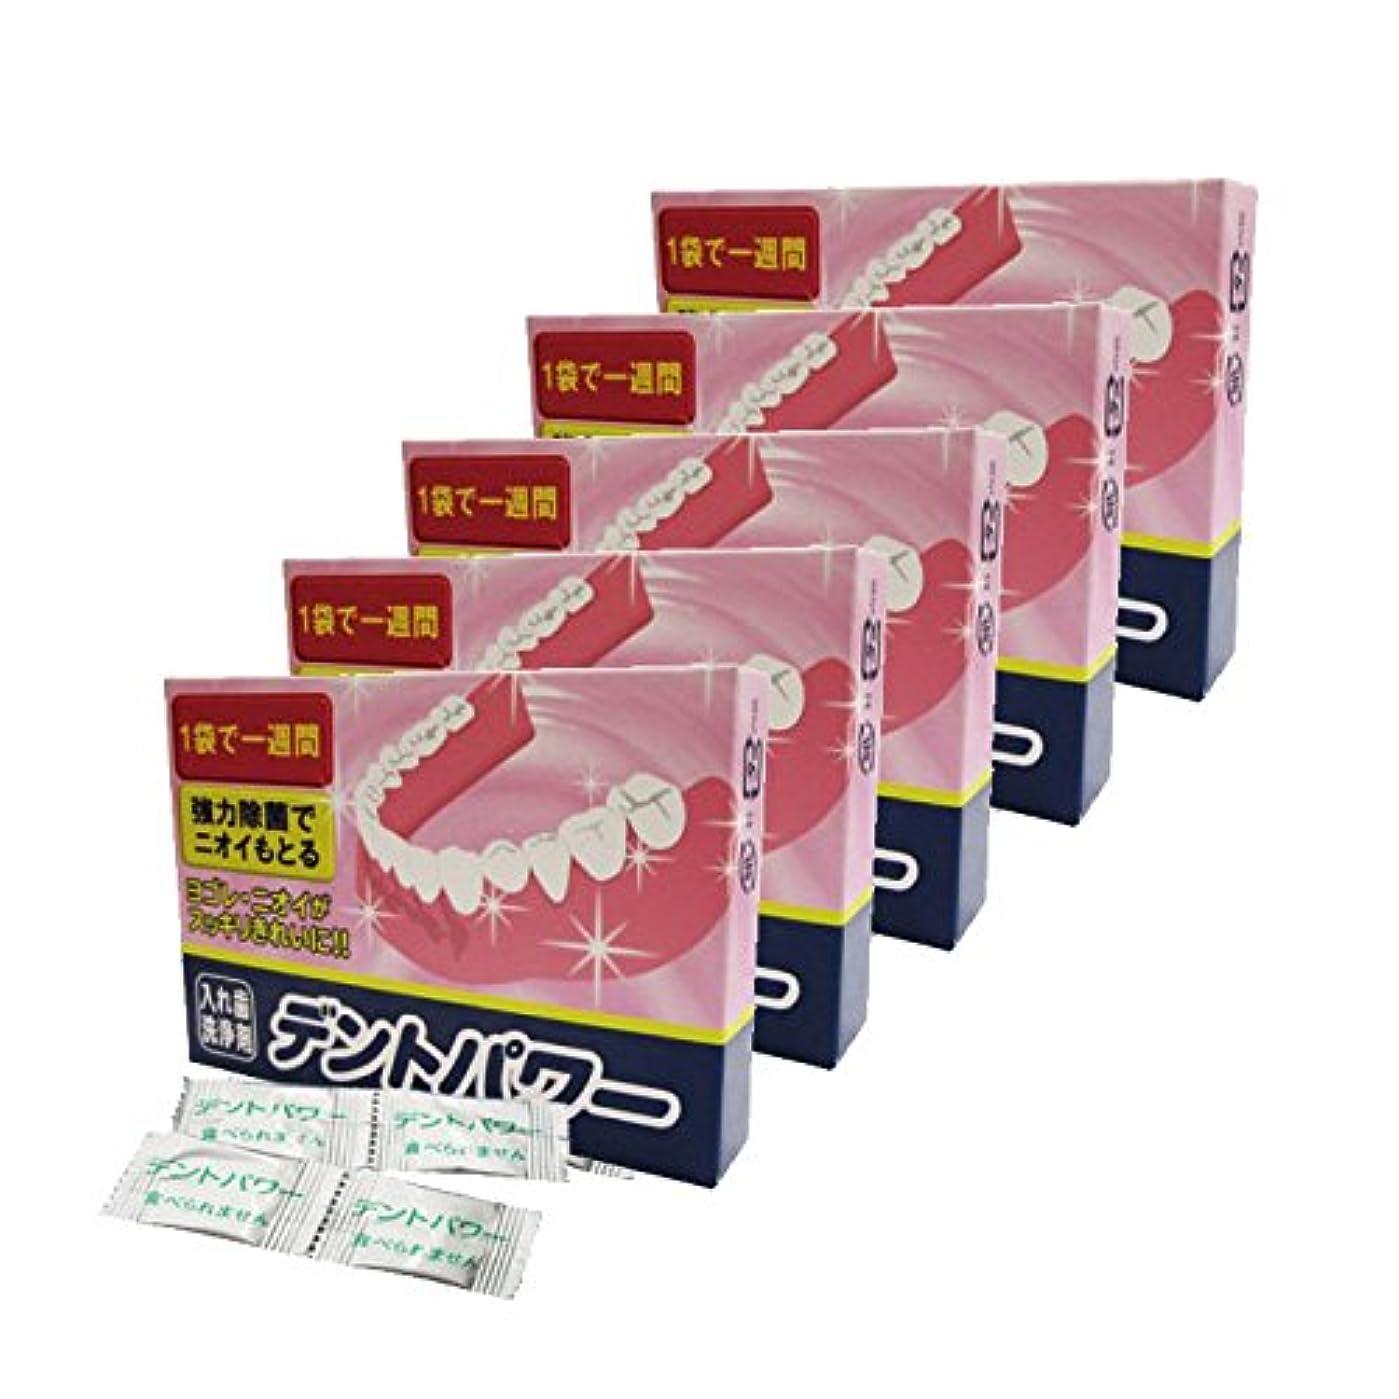 代替収穫ソフィーデントパワー 入れ歯洗浄剤 5ヵ月用x5個セット